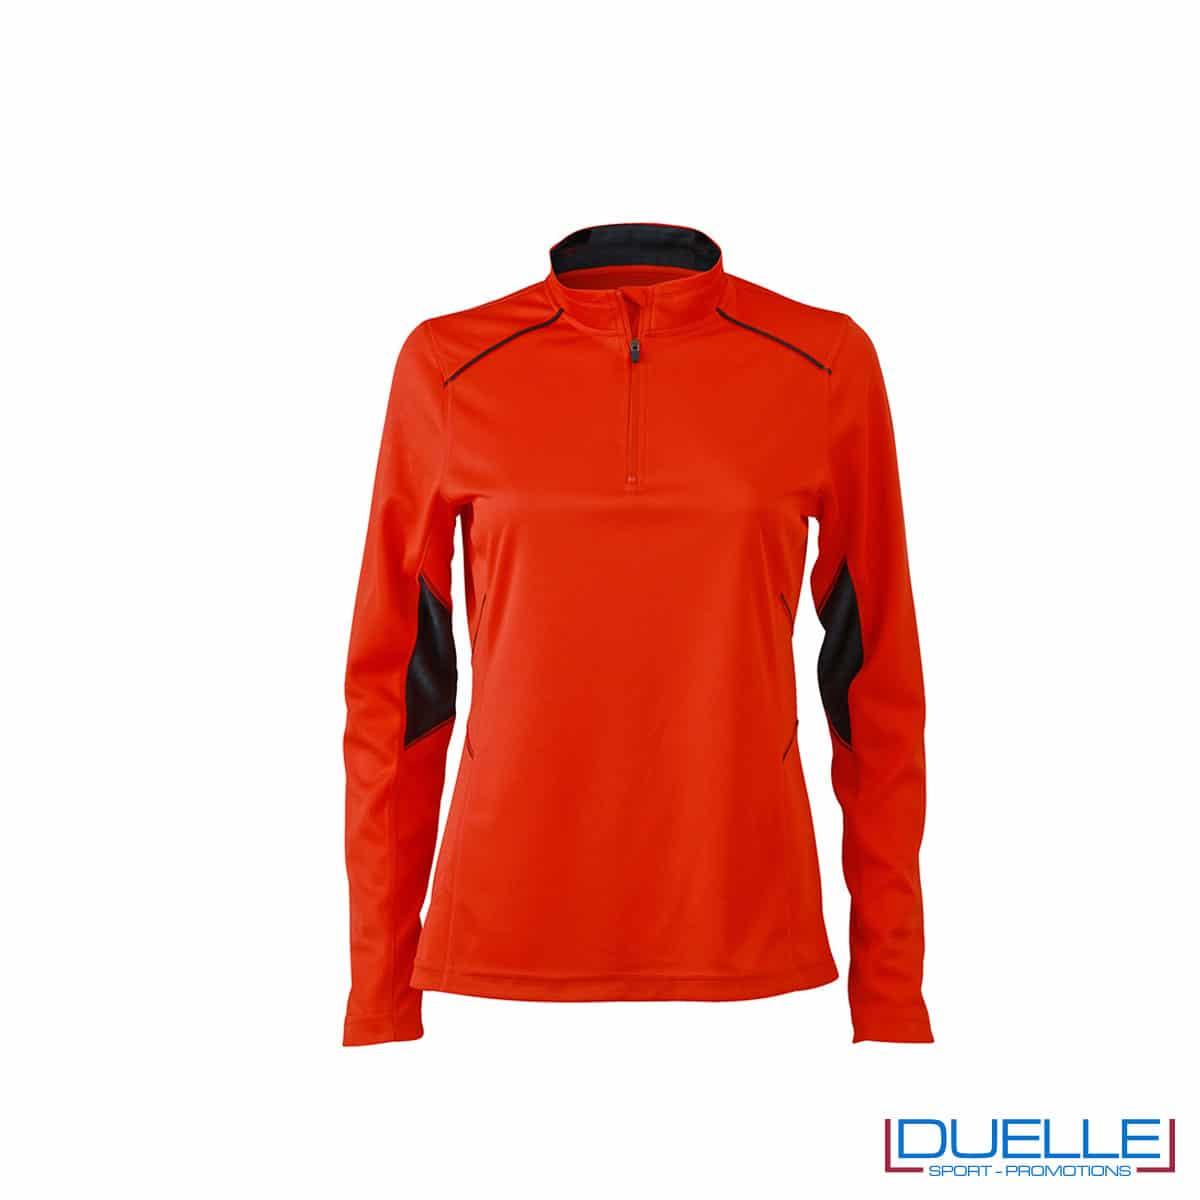 Maglia running con zip donna colore arancione personalizzata